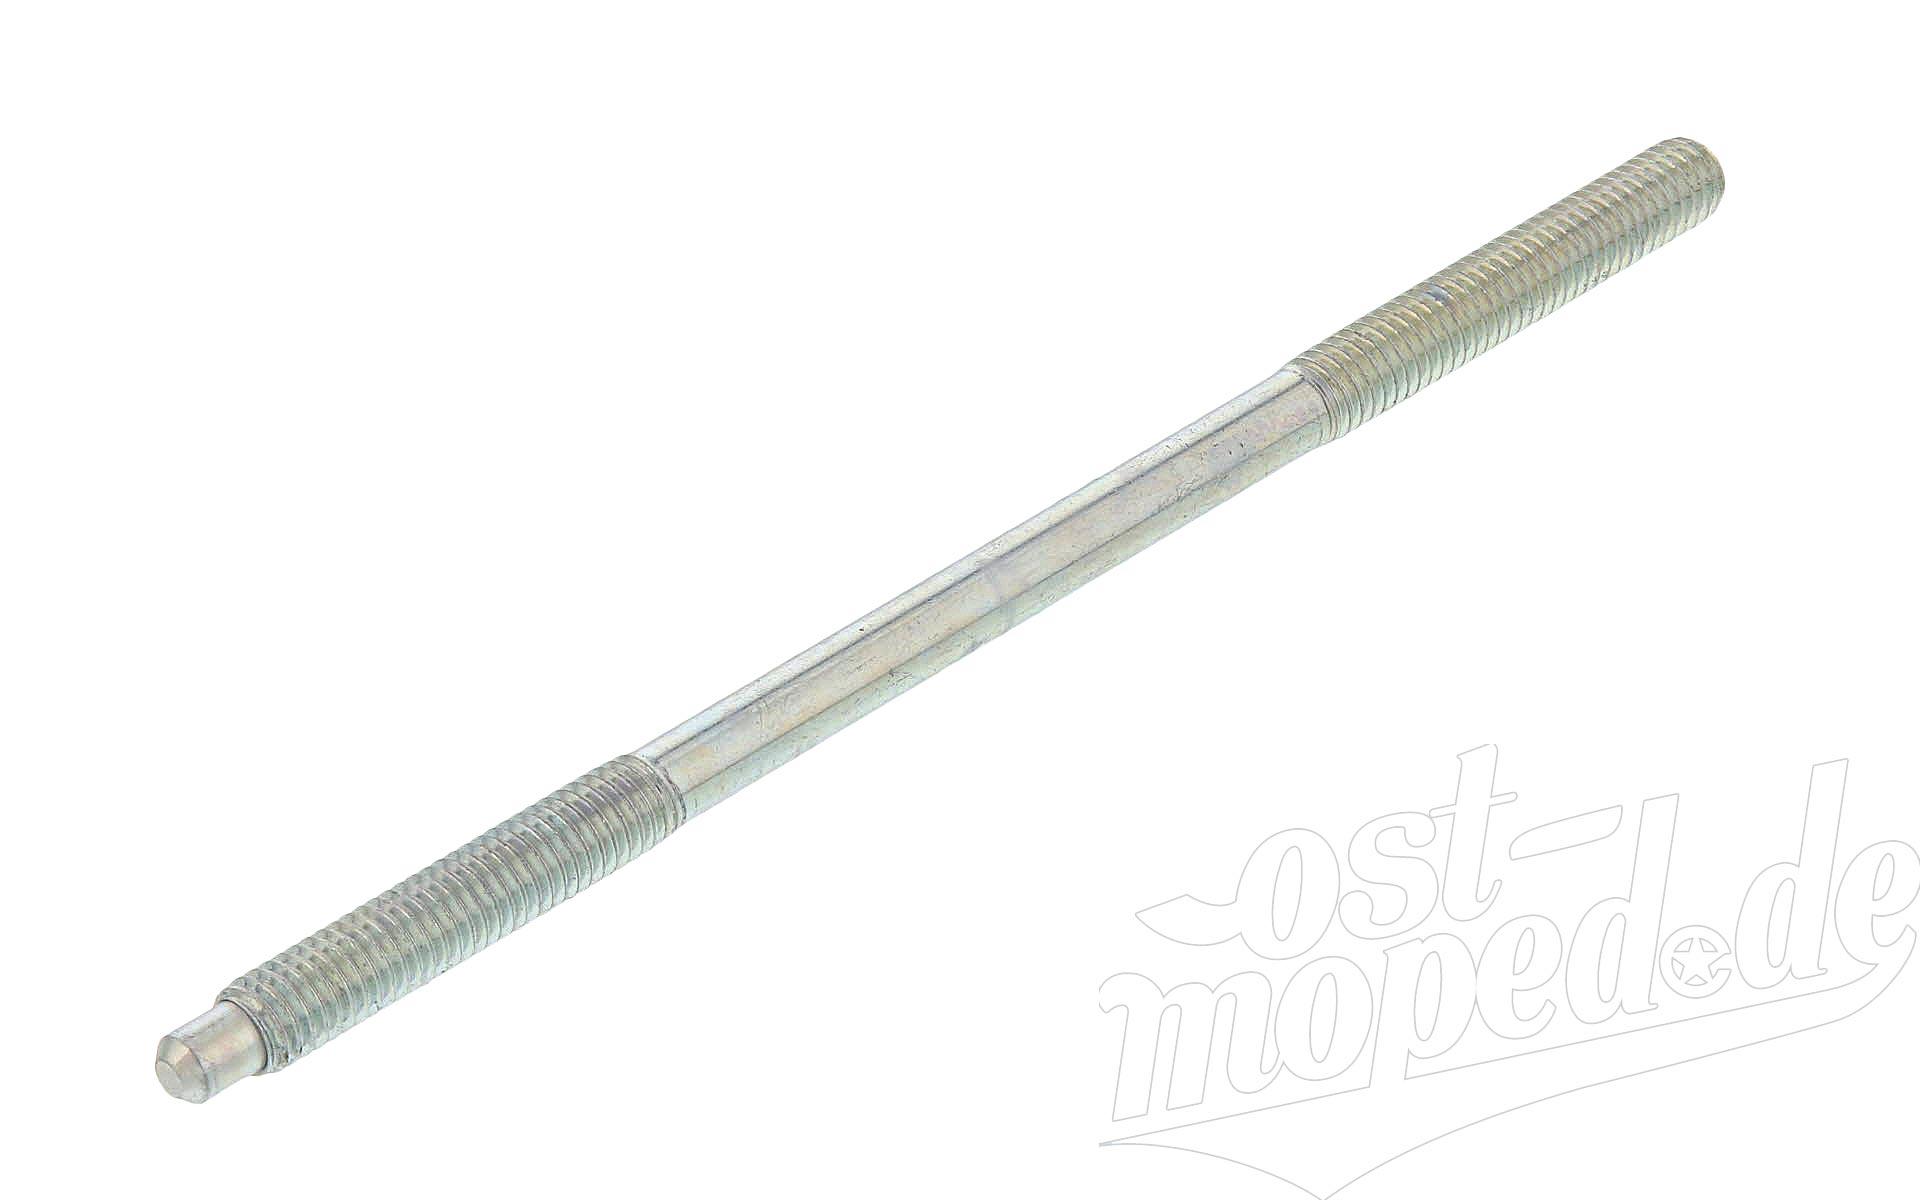 Zylinderstehbolzen S51, S53, SR50, KR51/2 - 1. Qualität